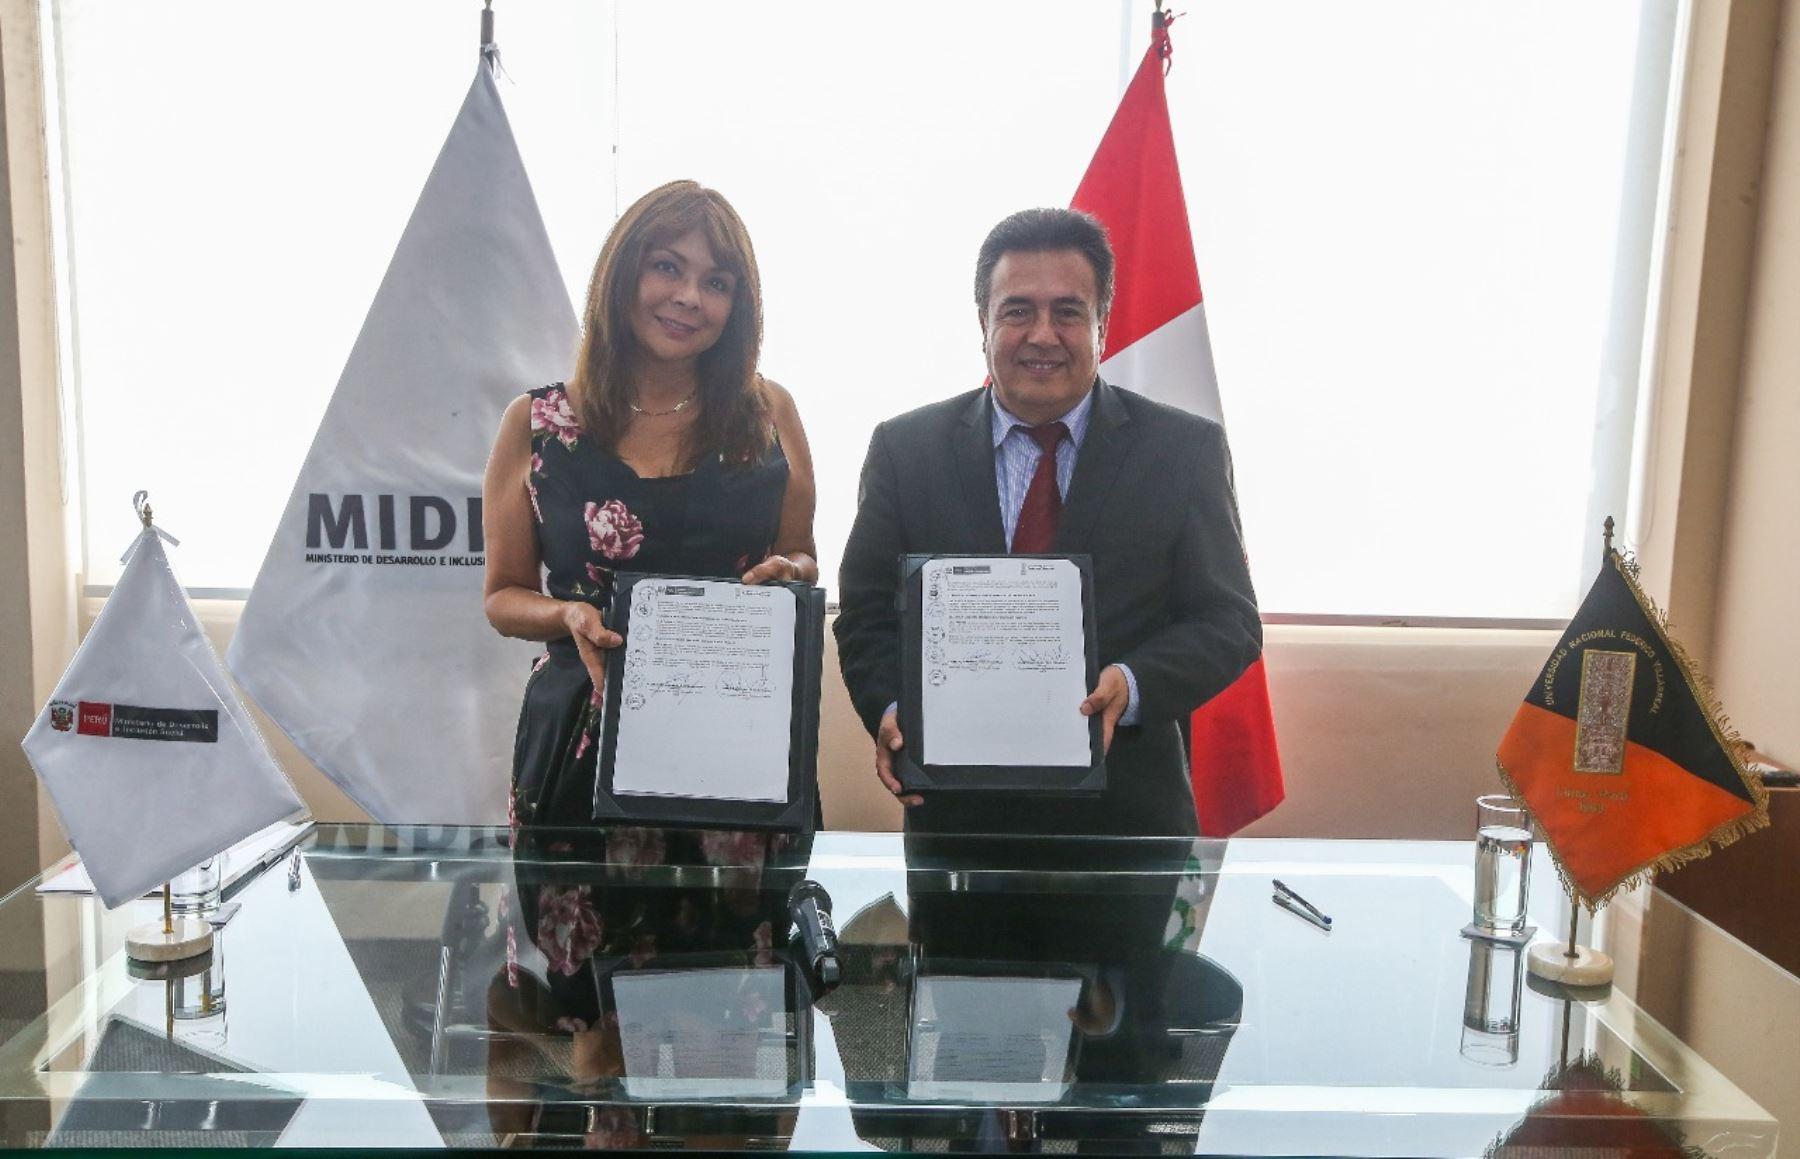 Ministra La Rosa y rector de la Universidad Federico Villareal firman documento que contribuye a la implementación de políticas de Estado en materia social.